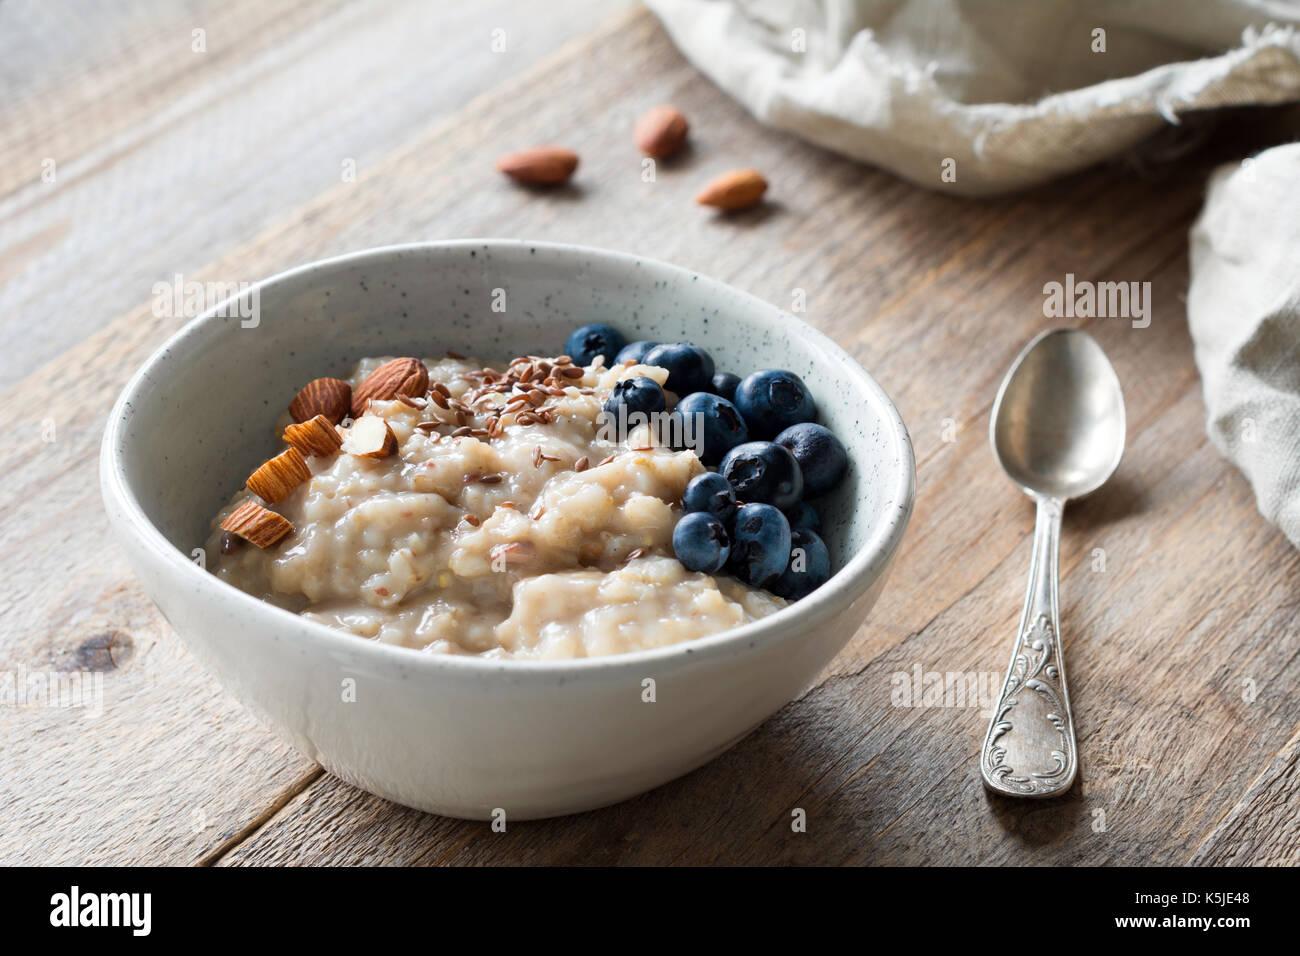 Haferflocken Haferflocken mit Heidelbeeren, Mandeln, Leinsamen in Schale auf Holztisch. Super Food für gesunde, nahrhafte Frühstück Stockbild